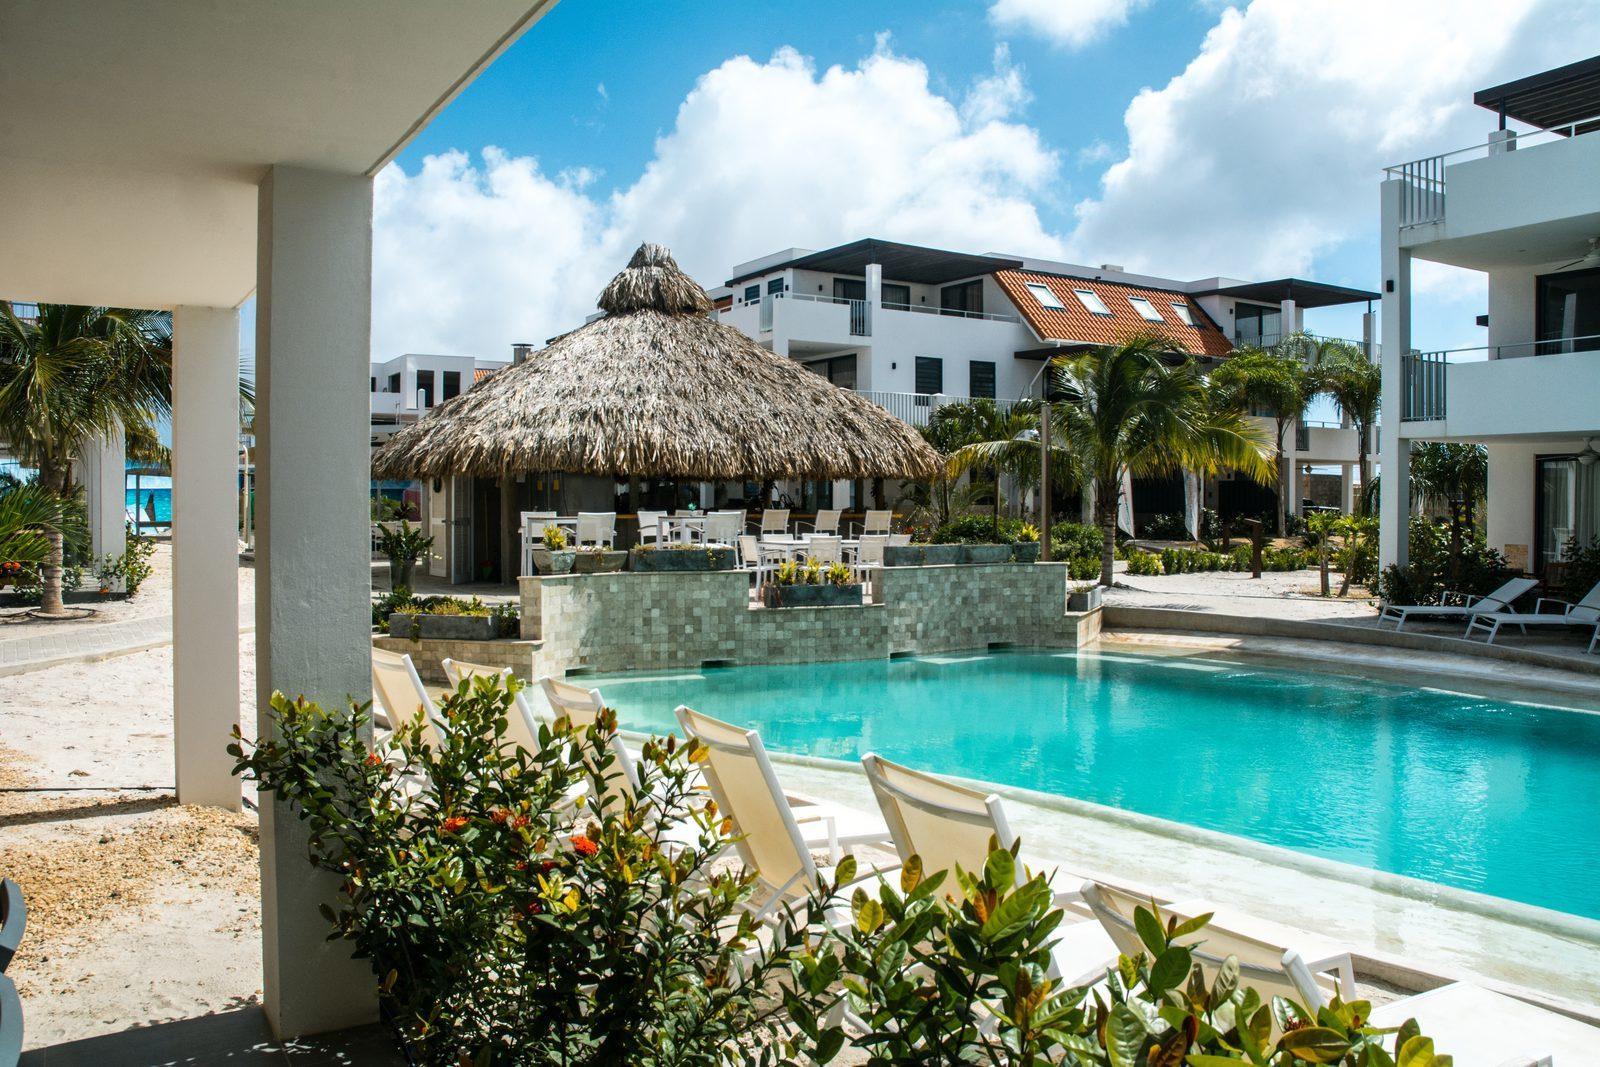 Zoekt u een resort op Bonaire? Resort Bonaire beschikt over een prachtig zwembad en zeer luxe appartementen.